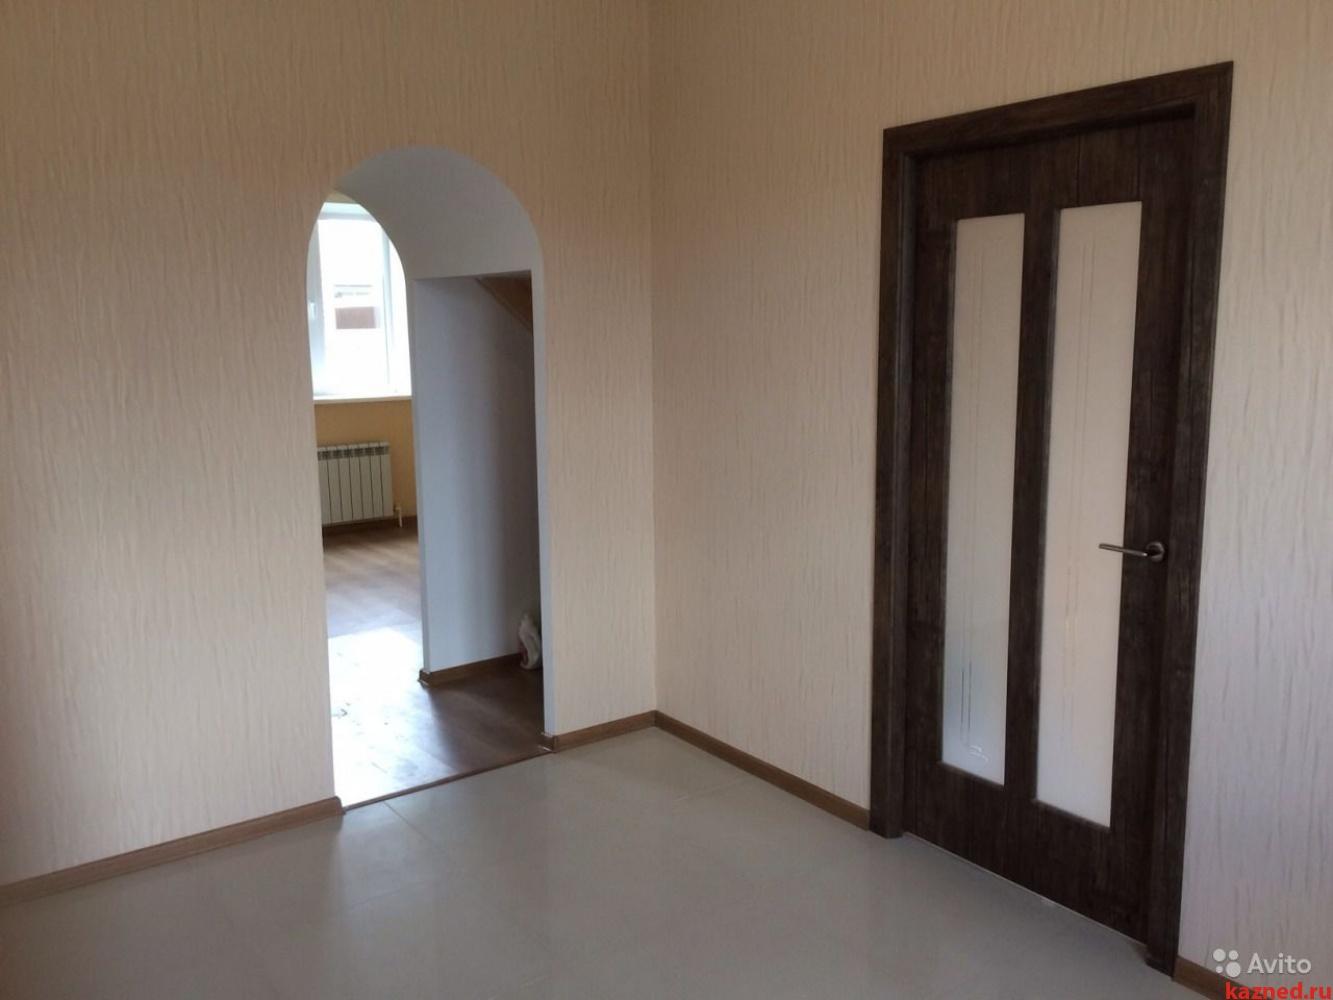 Продажа дом Северный, Литвинова, 82 м2  (миниатюра №3)